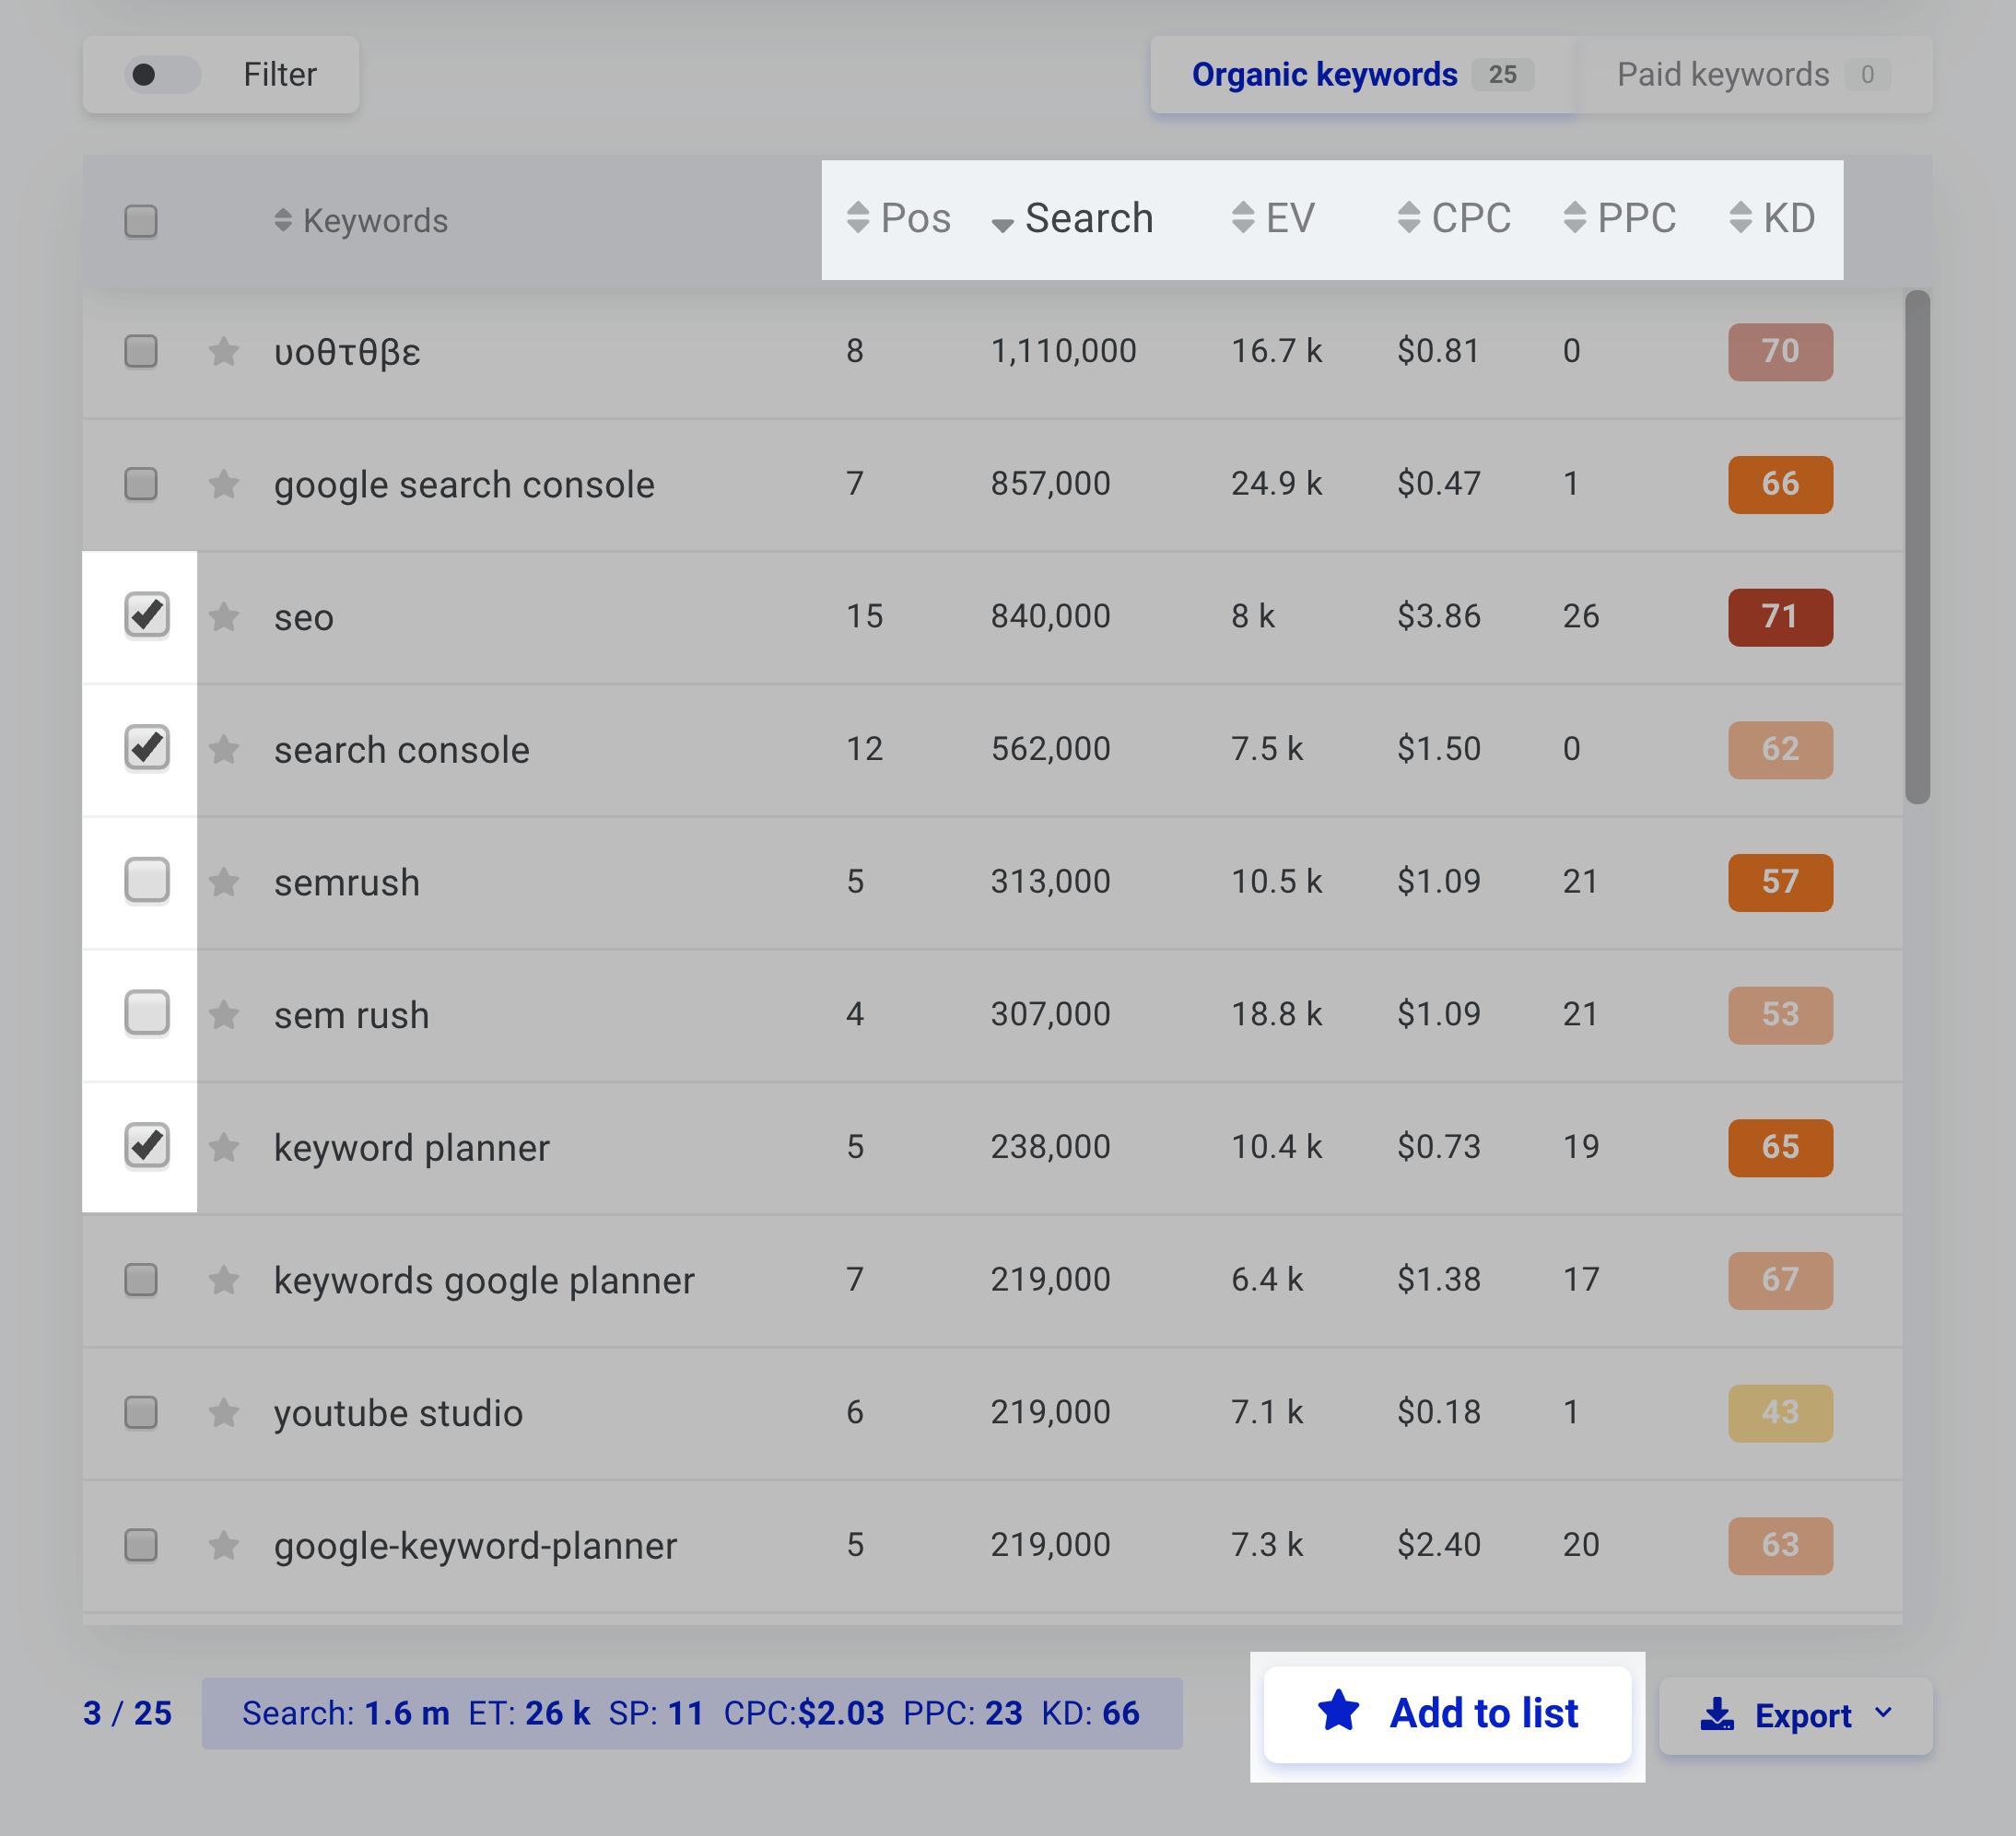 Kwfinder User Interface